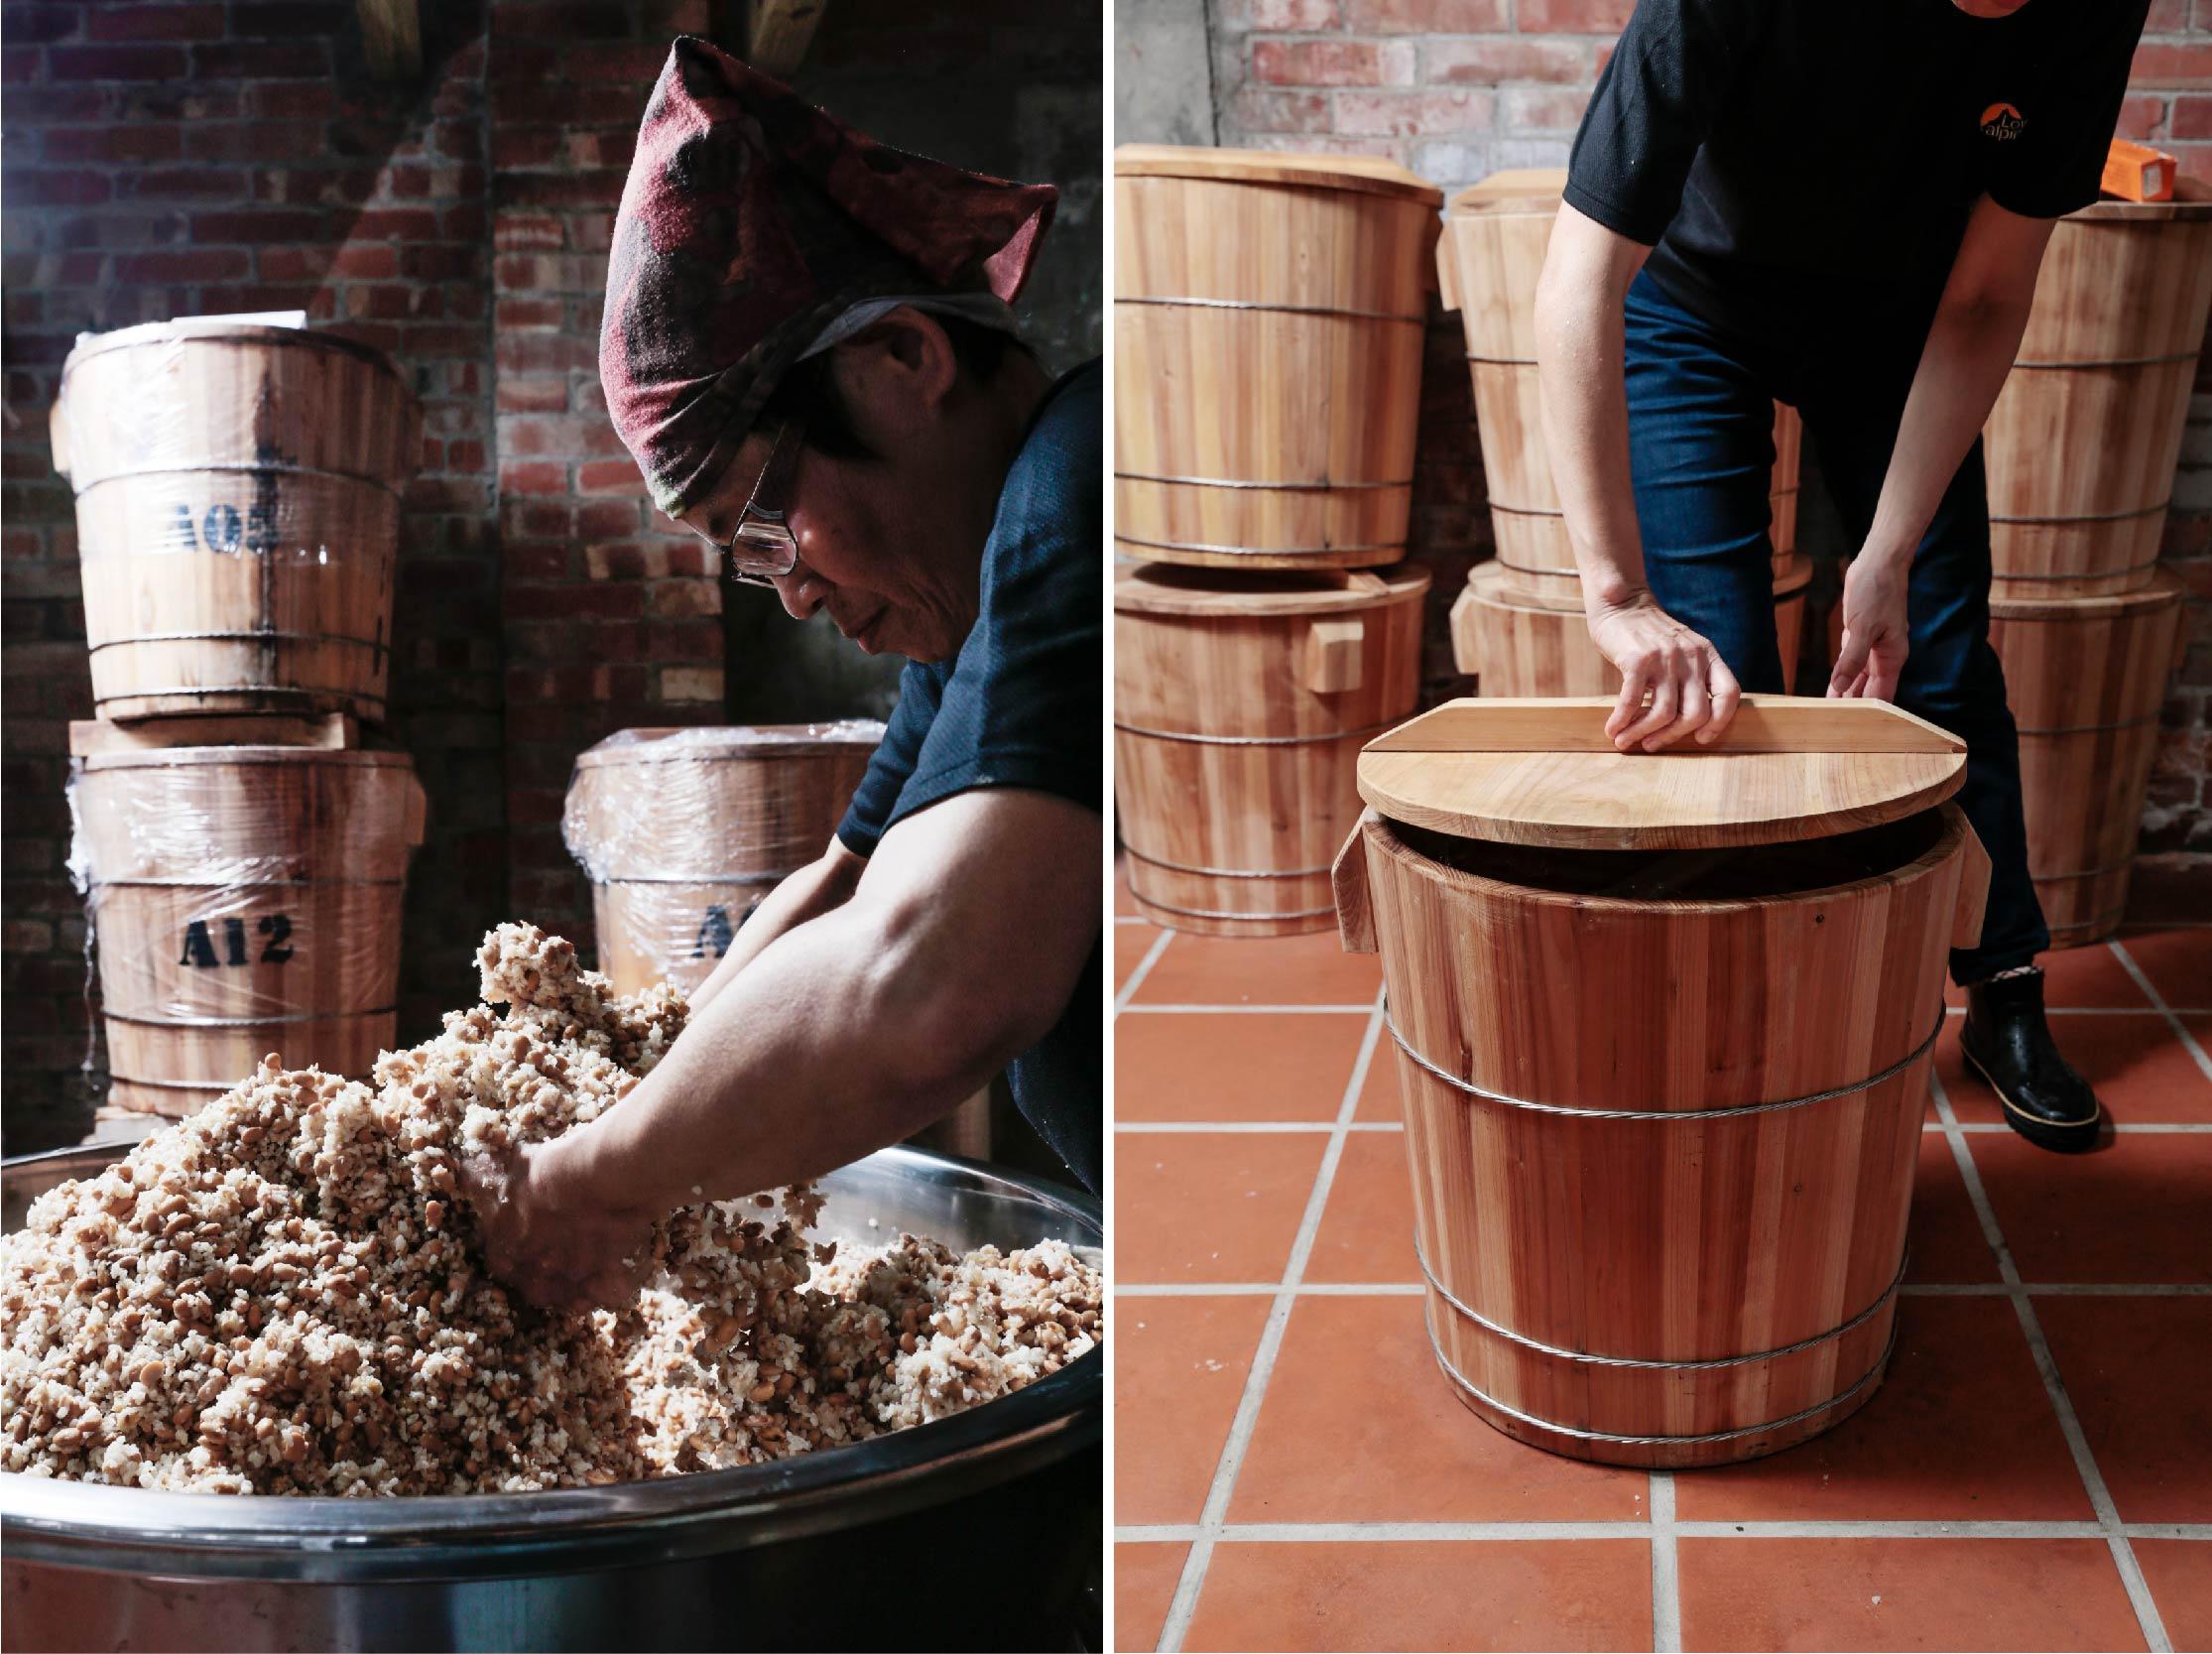 混合黃豆  選用品質優良但成本也較高的國產黃豆,將煮熟的黃豆與米麴充分的攪拌、混合,並細心的舖至木桶中佇存,確保每一層的味噌,味道都能均勻。 | 禾乃川國產豆製所 | 改變生命的豆漿店